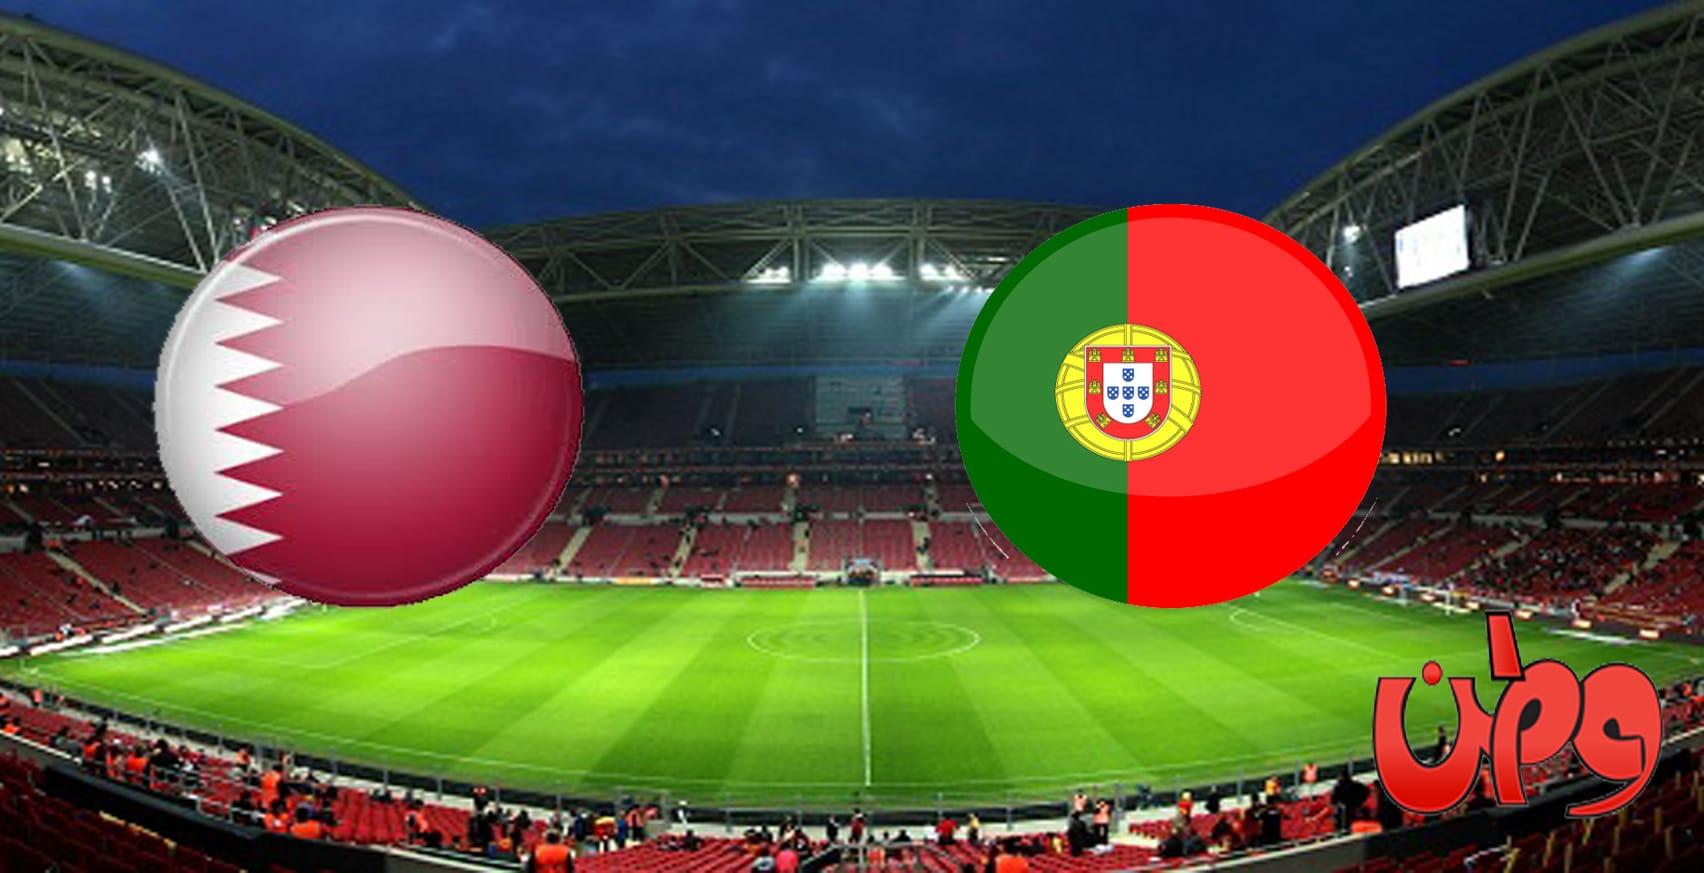 موعد مباراة منتخب قطر والبرتغال في تصفيات أوروبا لمونديال كأس العالم 2022